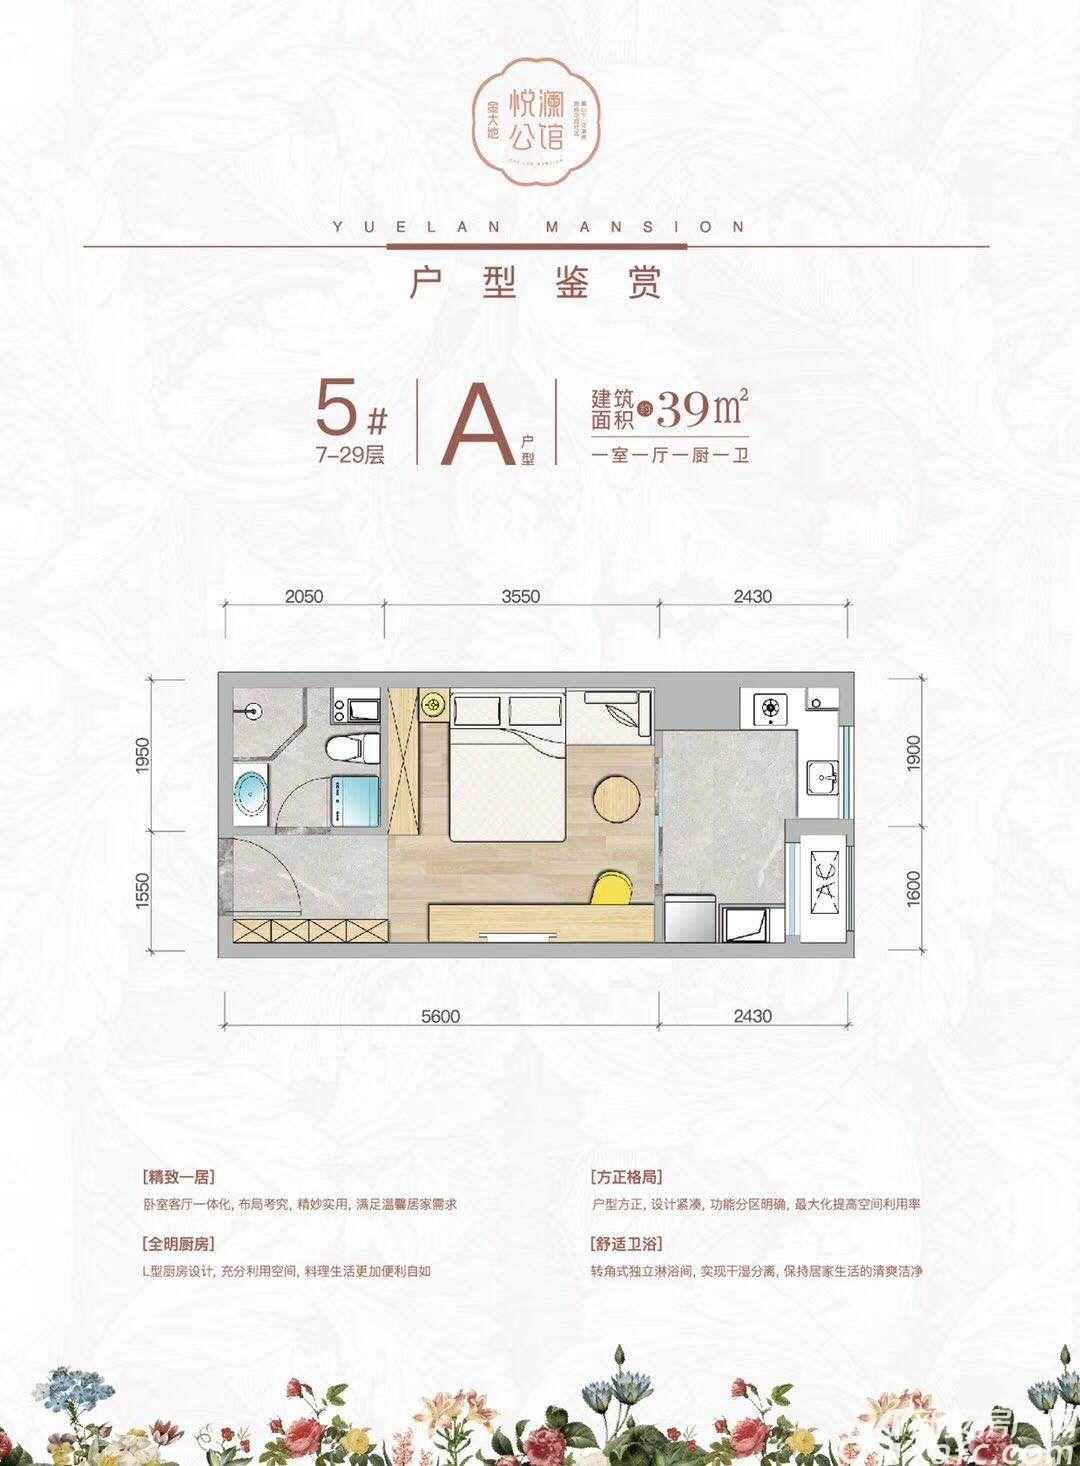 金大地悦澜公馆A户型1室1厅39平米